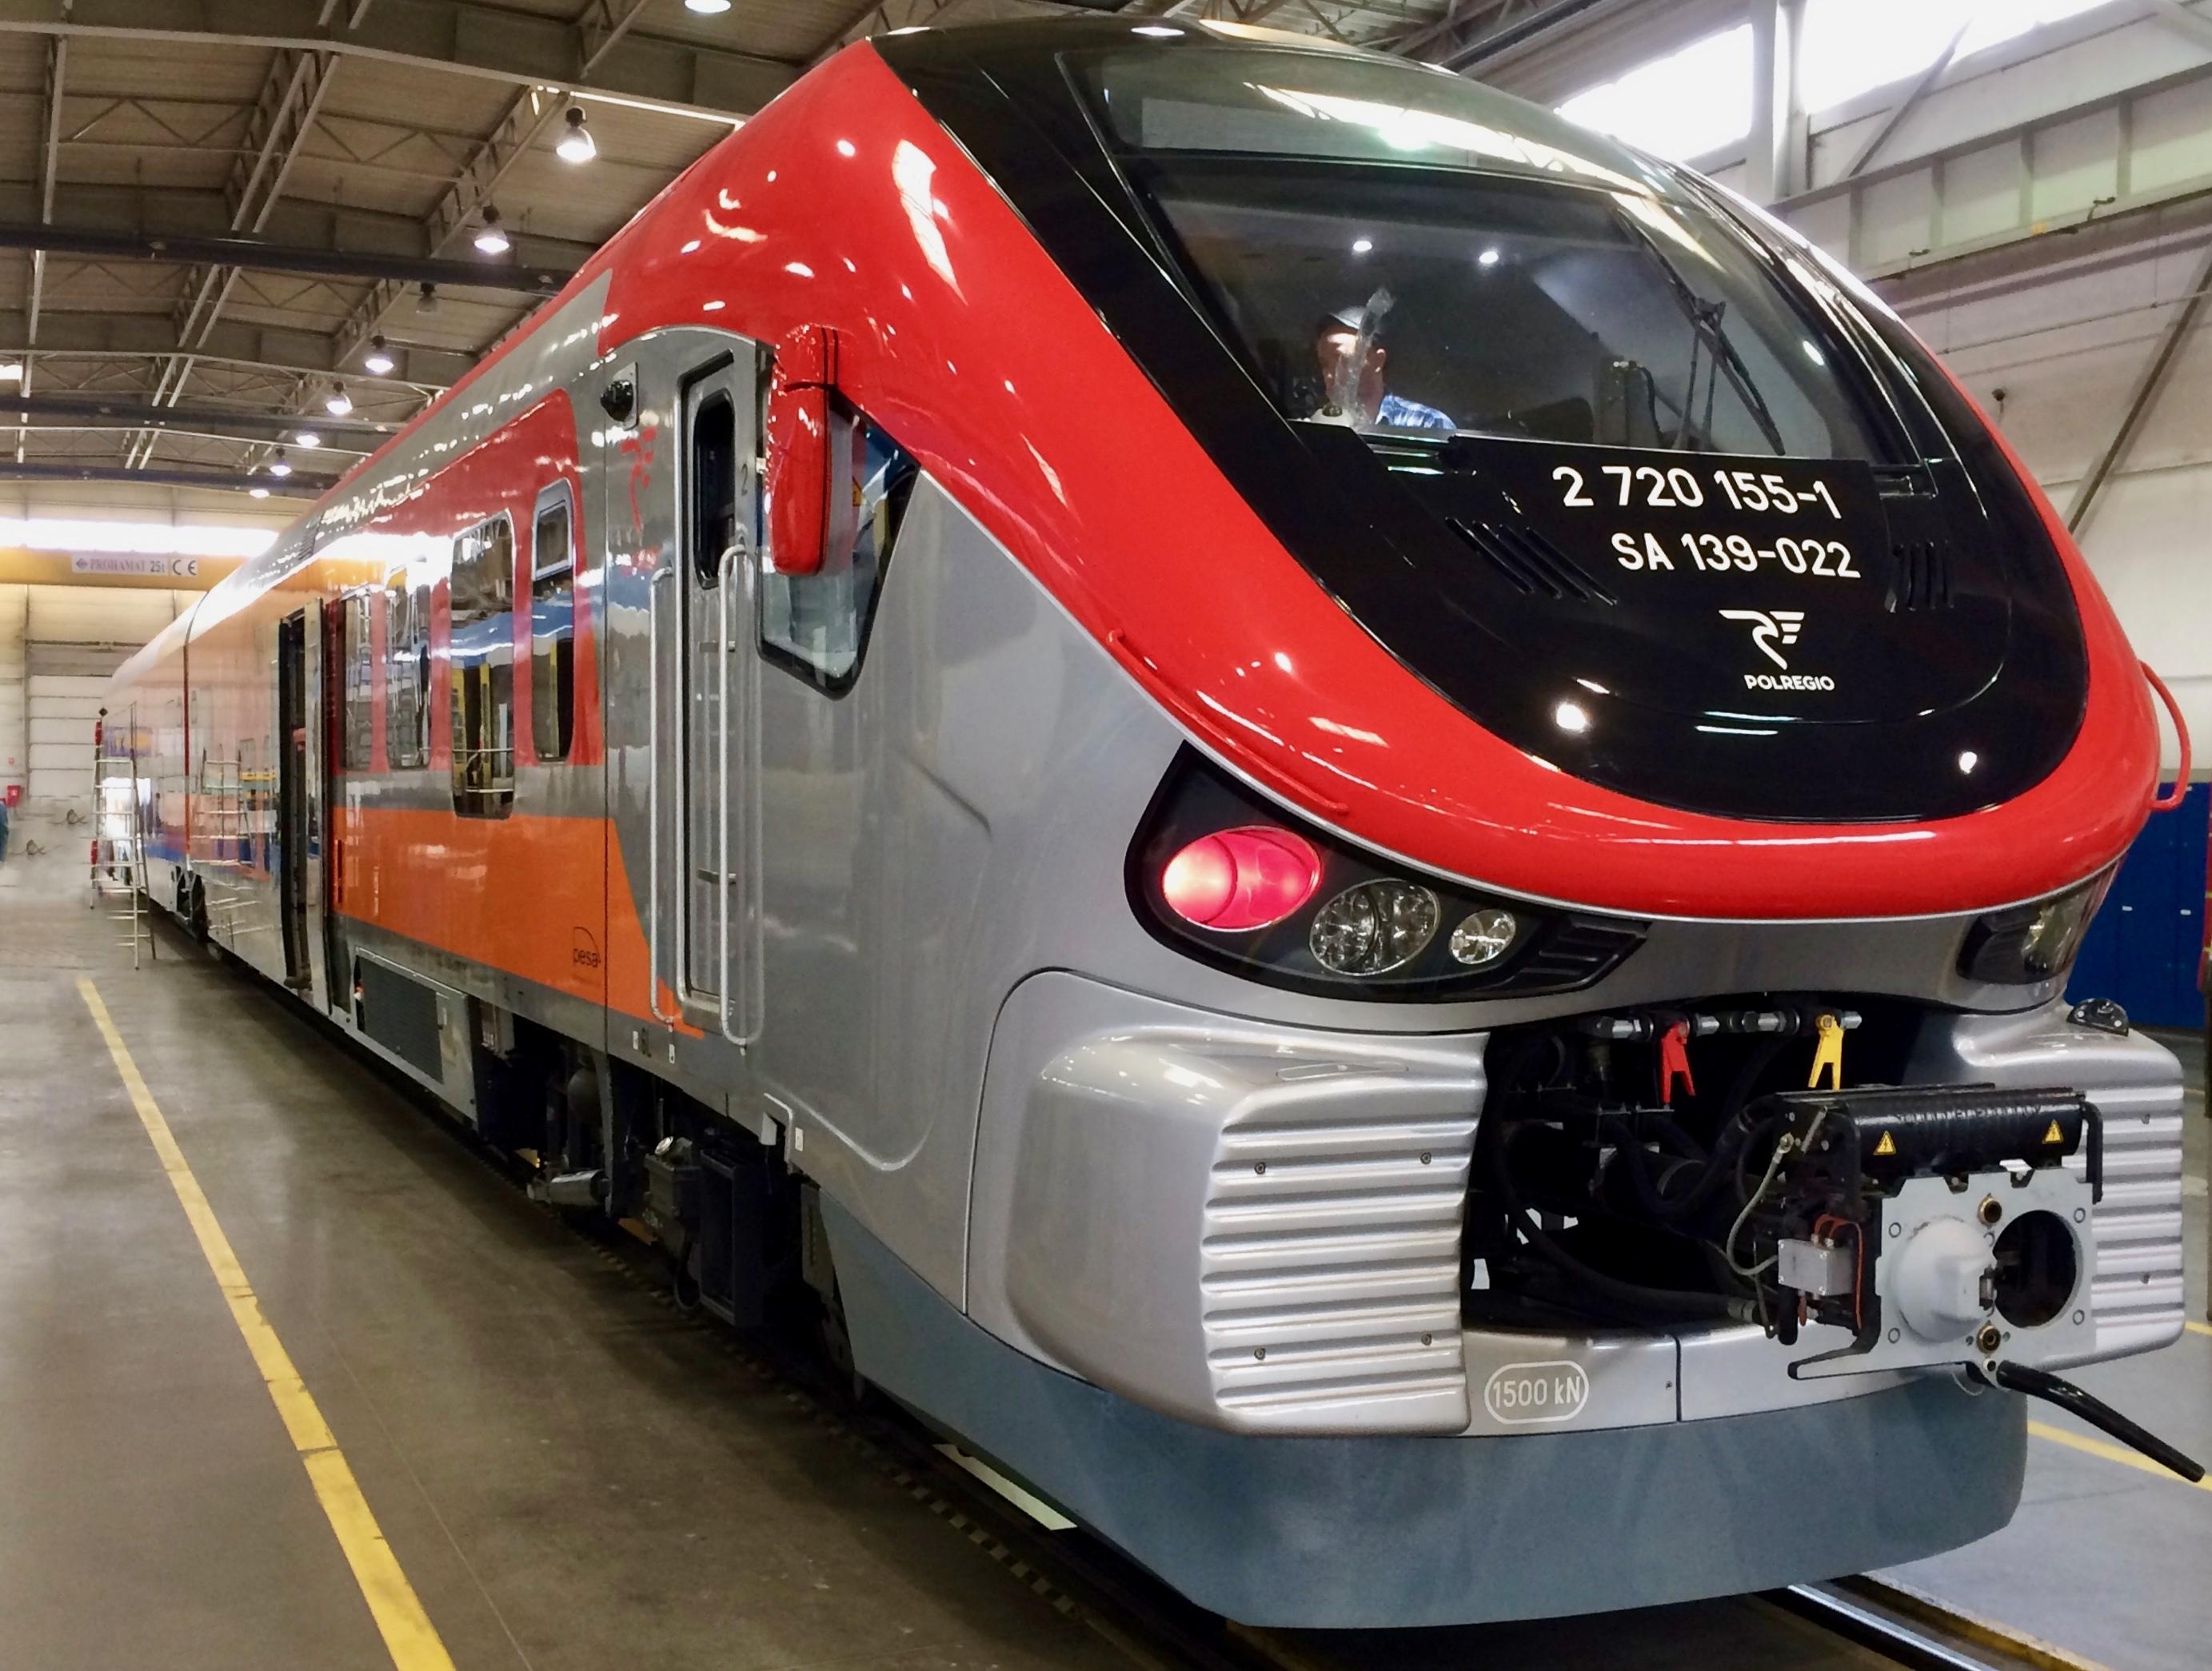 Już od dziś można kupić bilety na pociągi musicREGIO